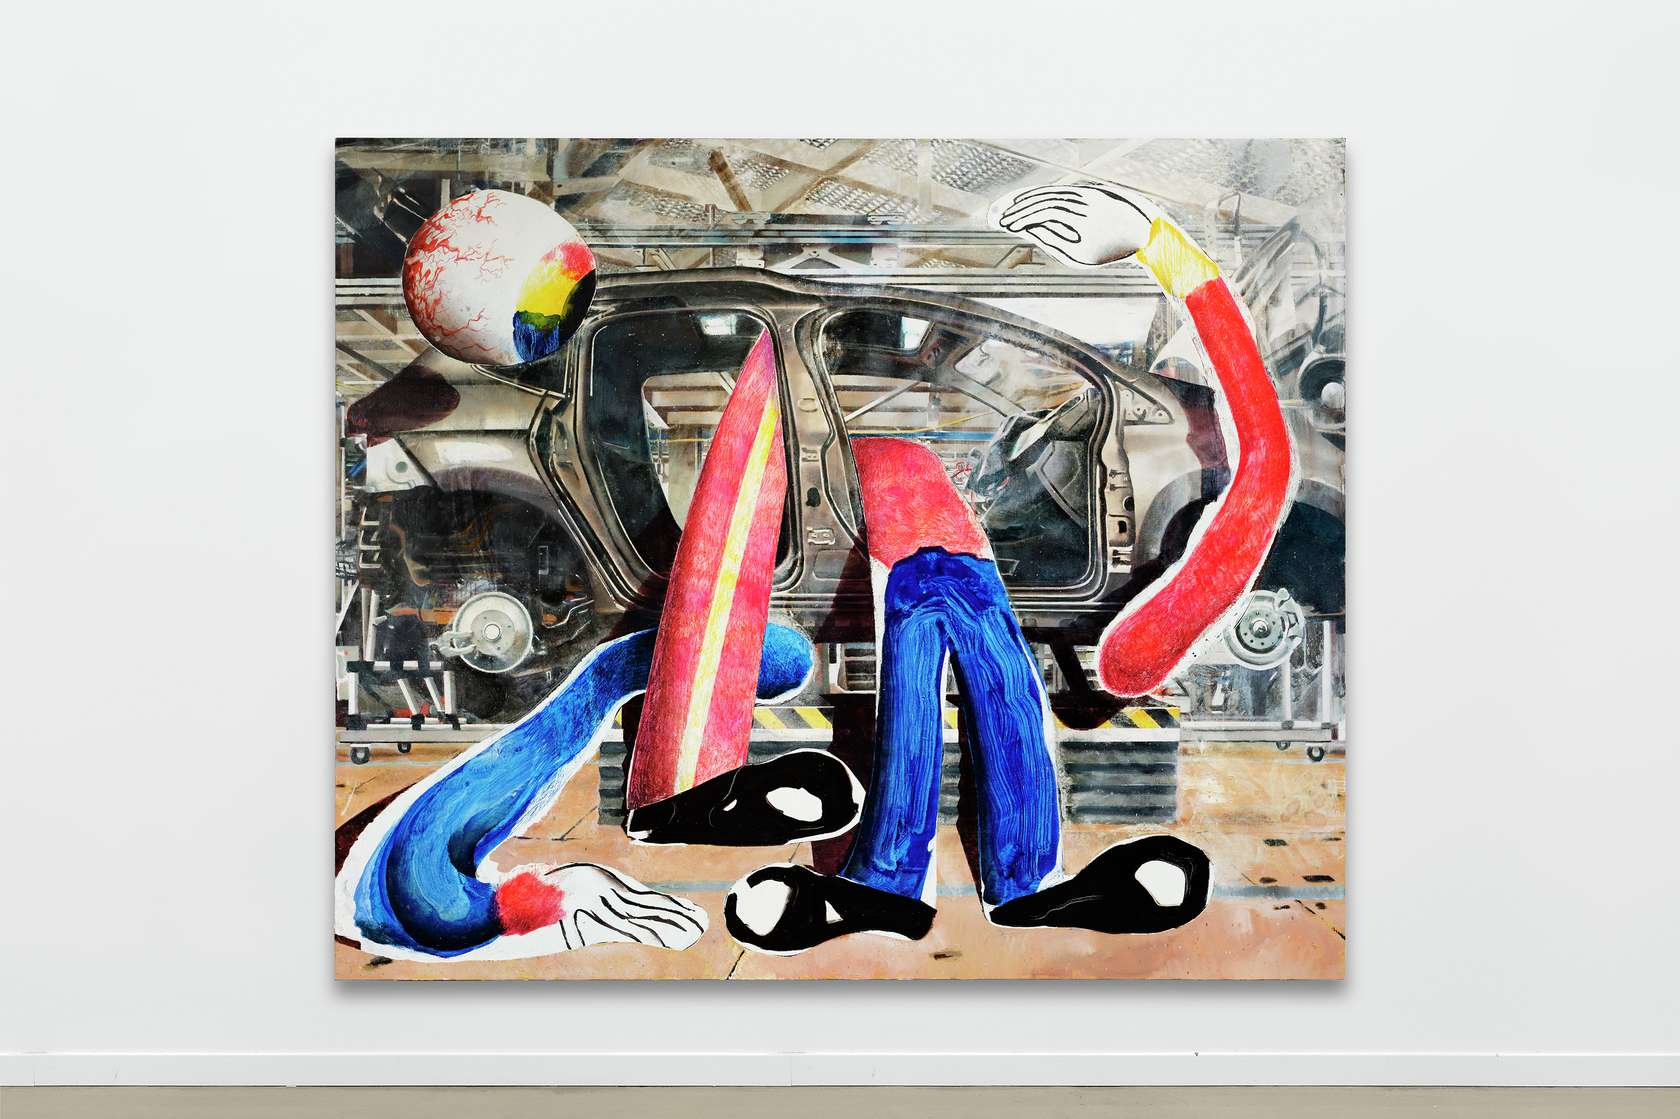 Laurent Proux, Les opérateurs, 2018 Huile sur toile240 x 200 cm / 94 1/2 x 78 6/8 inches